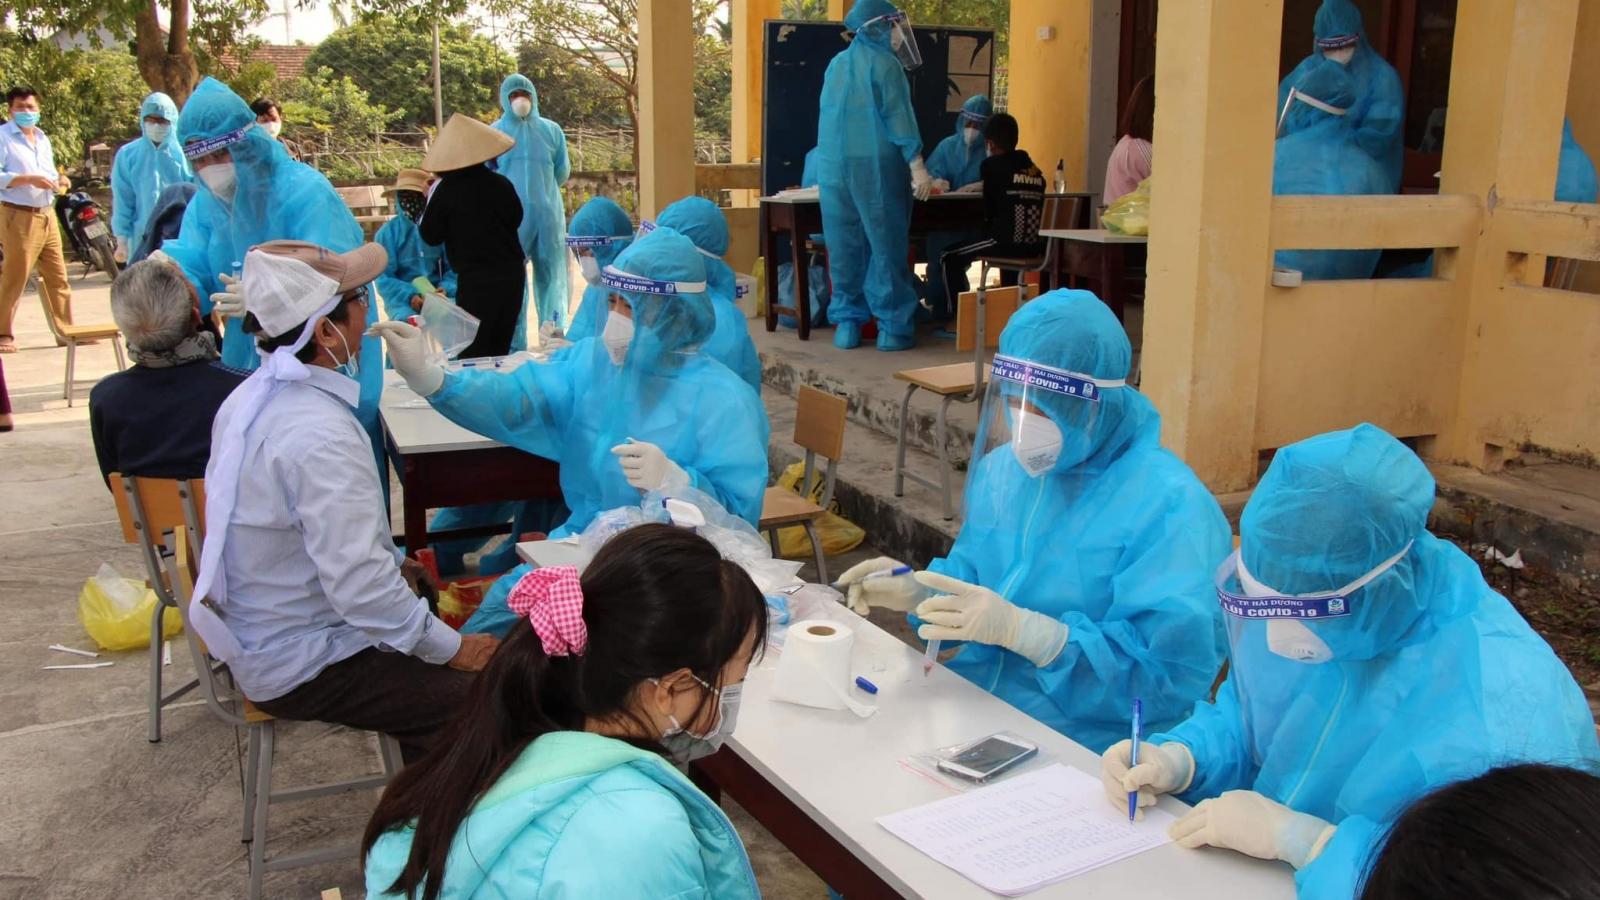 Sáng nay, Việt Nam không có ca mắc COVID-19 mới trong cộng đồng